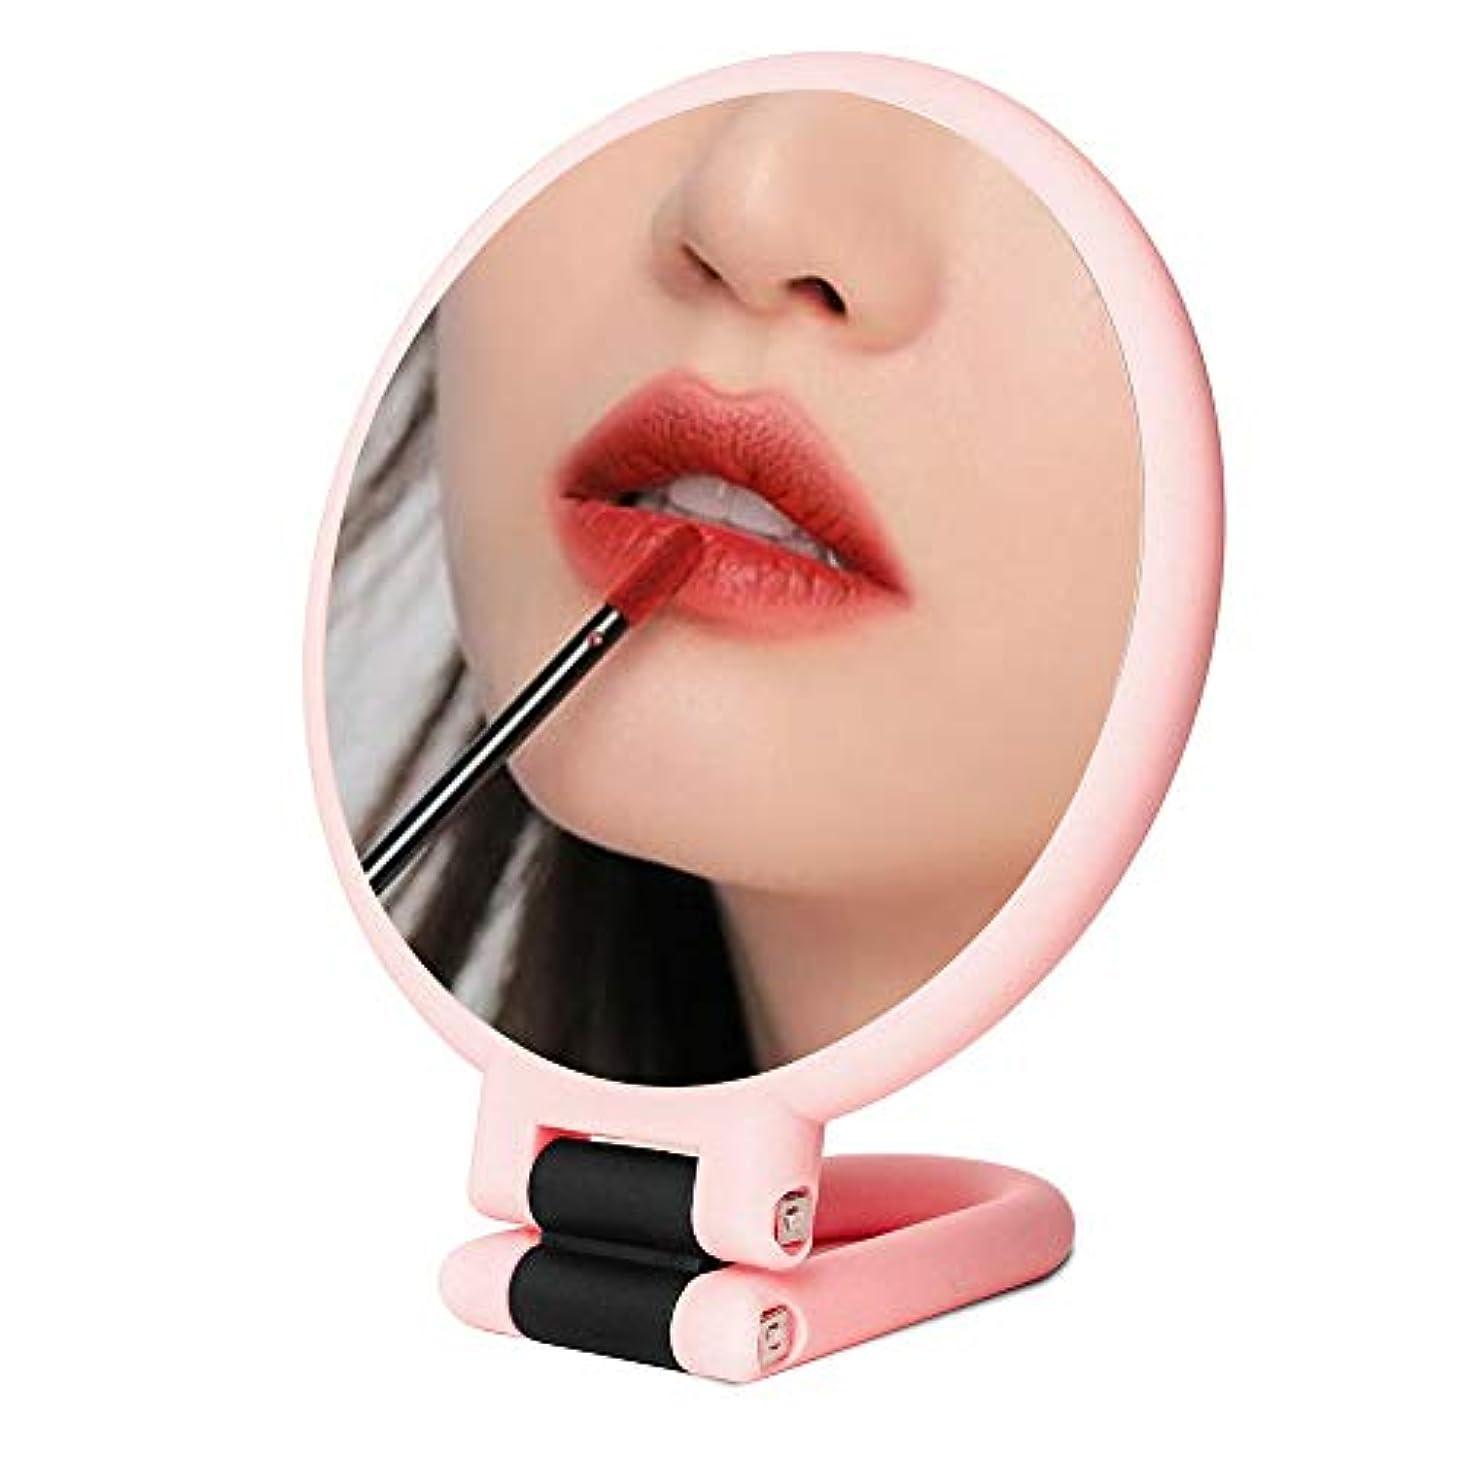 規模探検要塞手鏡 拡大鏡 折りたたみ式 両面鏡 化粧鏡 メイクアップミラー 15倍拡大 高精細 「ピンク」